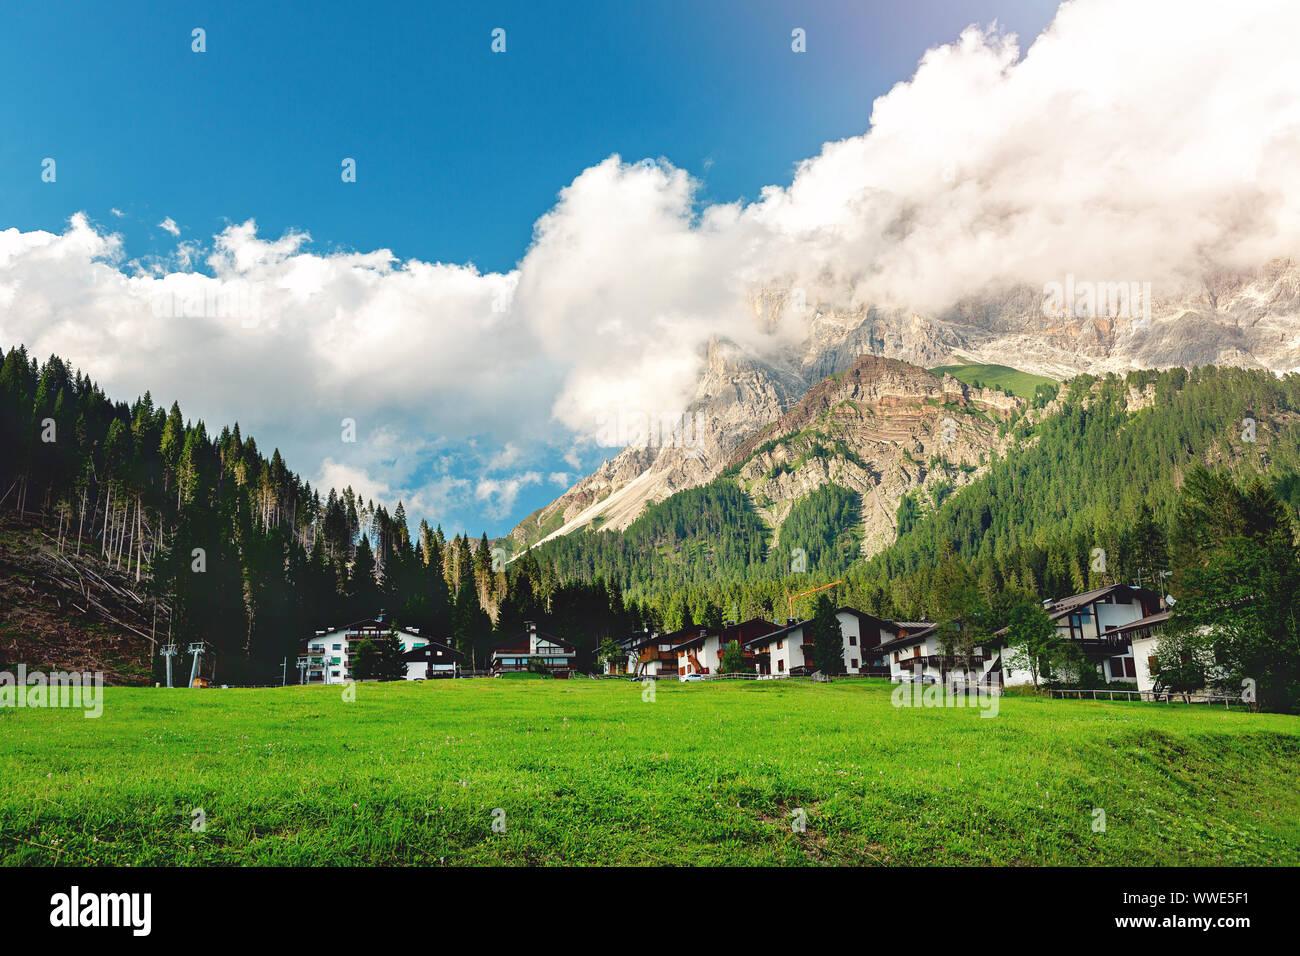 Mezzano Imerm, Pale di San Martino village with Dolomite peaks in Val di Primiero Noana of Trentino Alto-Adige . Stock Photo